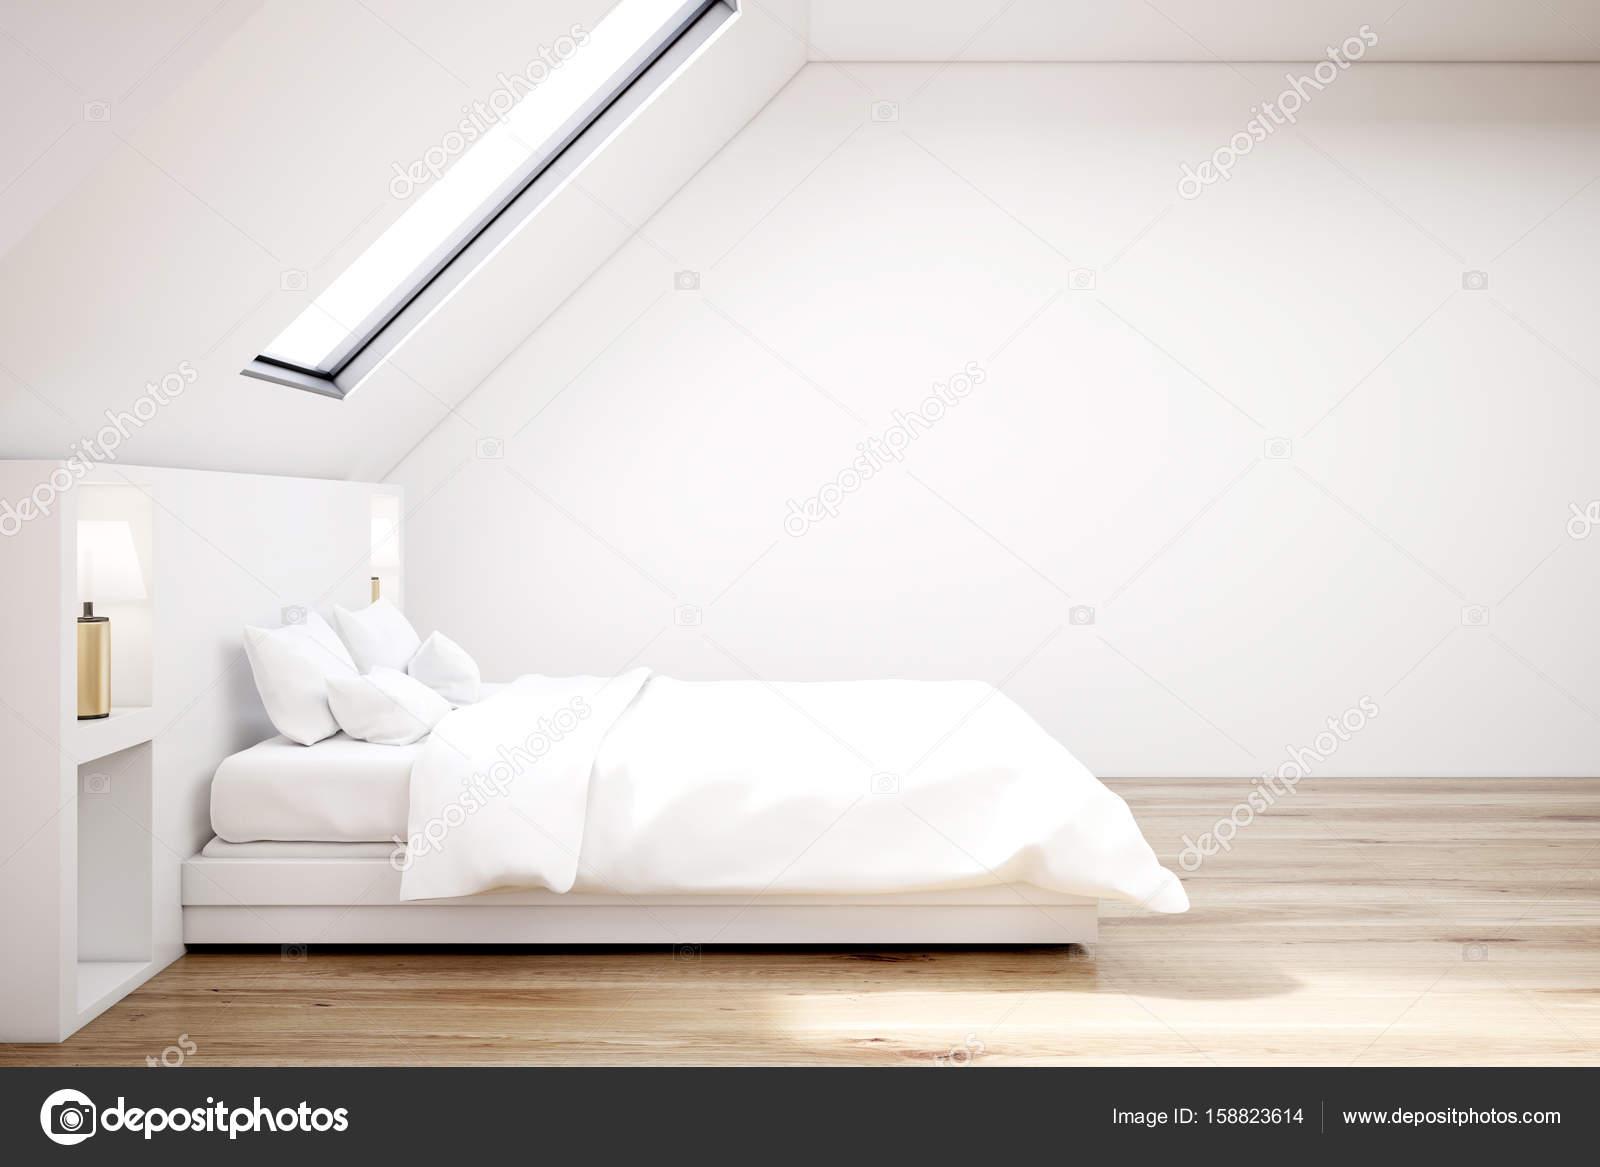 Slaapkamer Houten Vloer : Witte zolder slaapkamer houten vloer kant u stockfoto